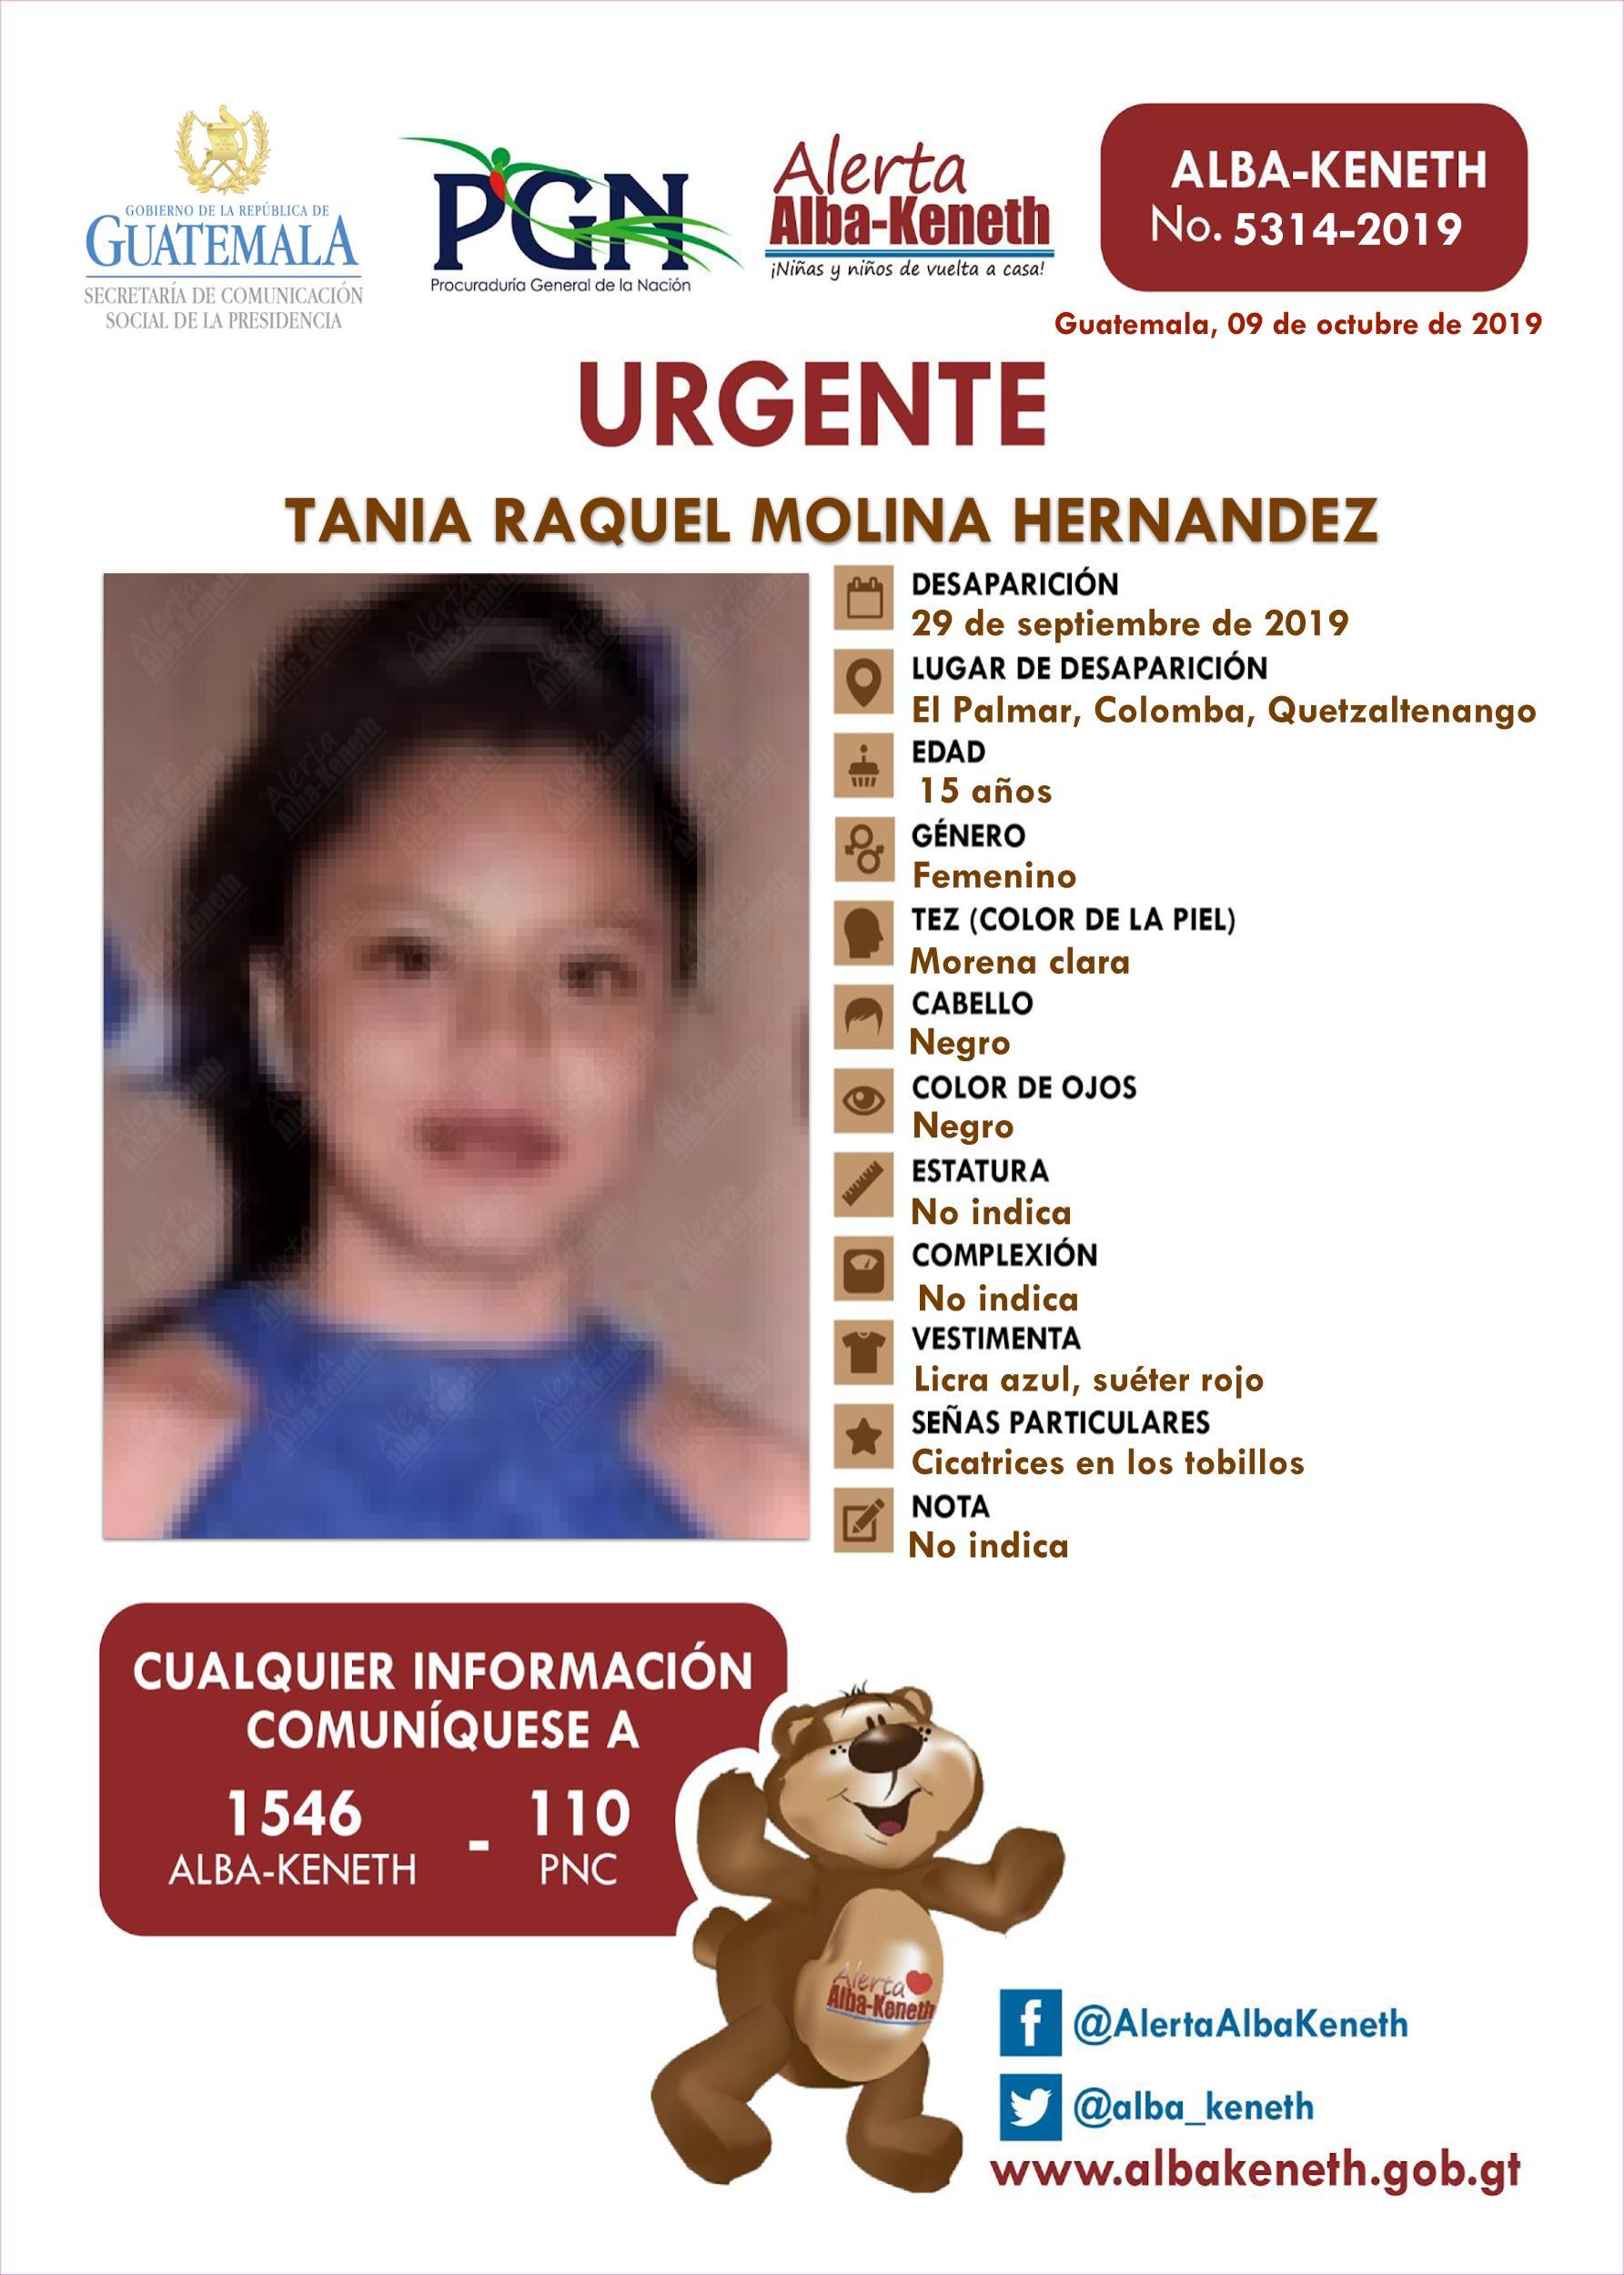 Tania Raquel Molina Hernandez